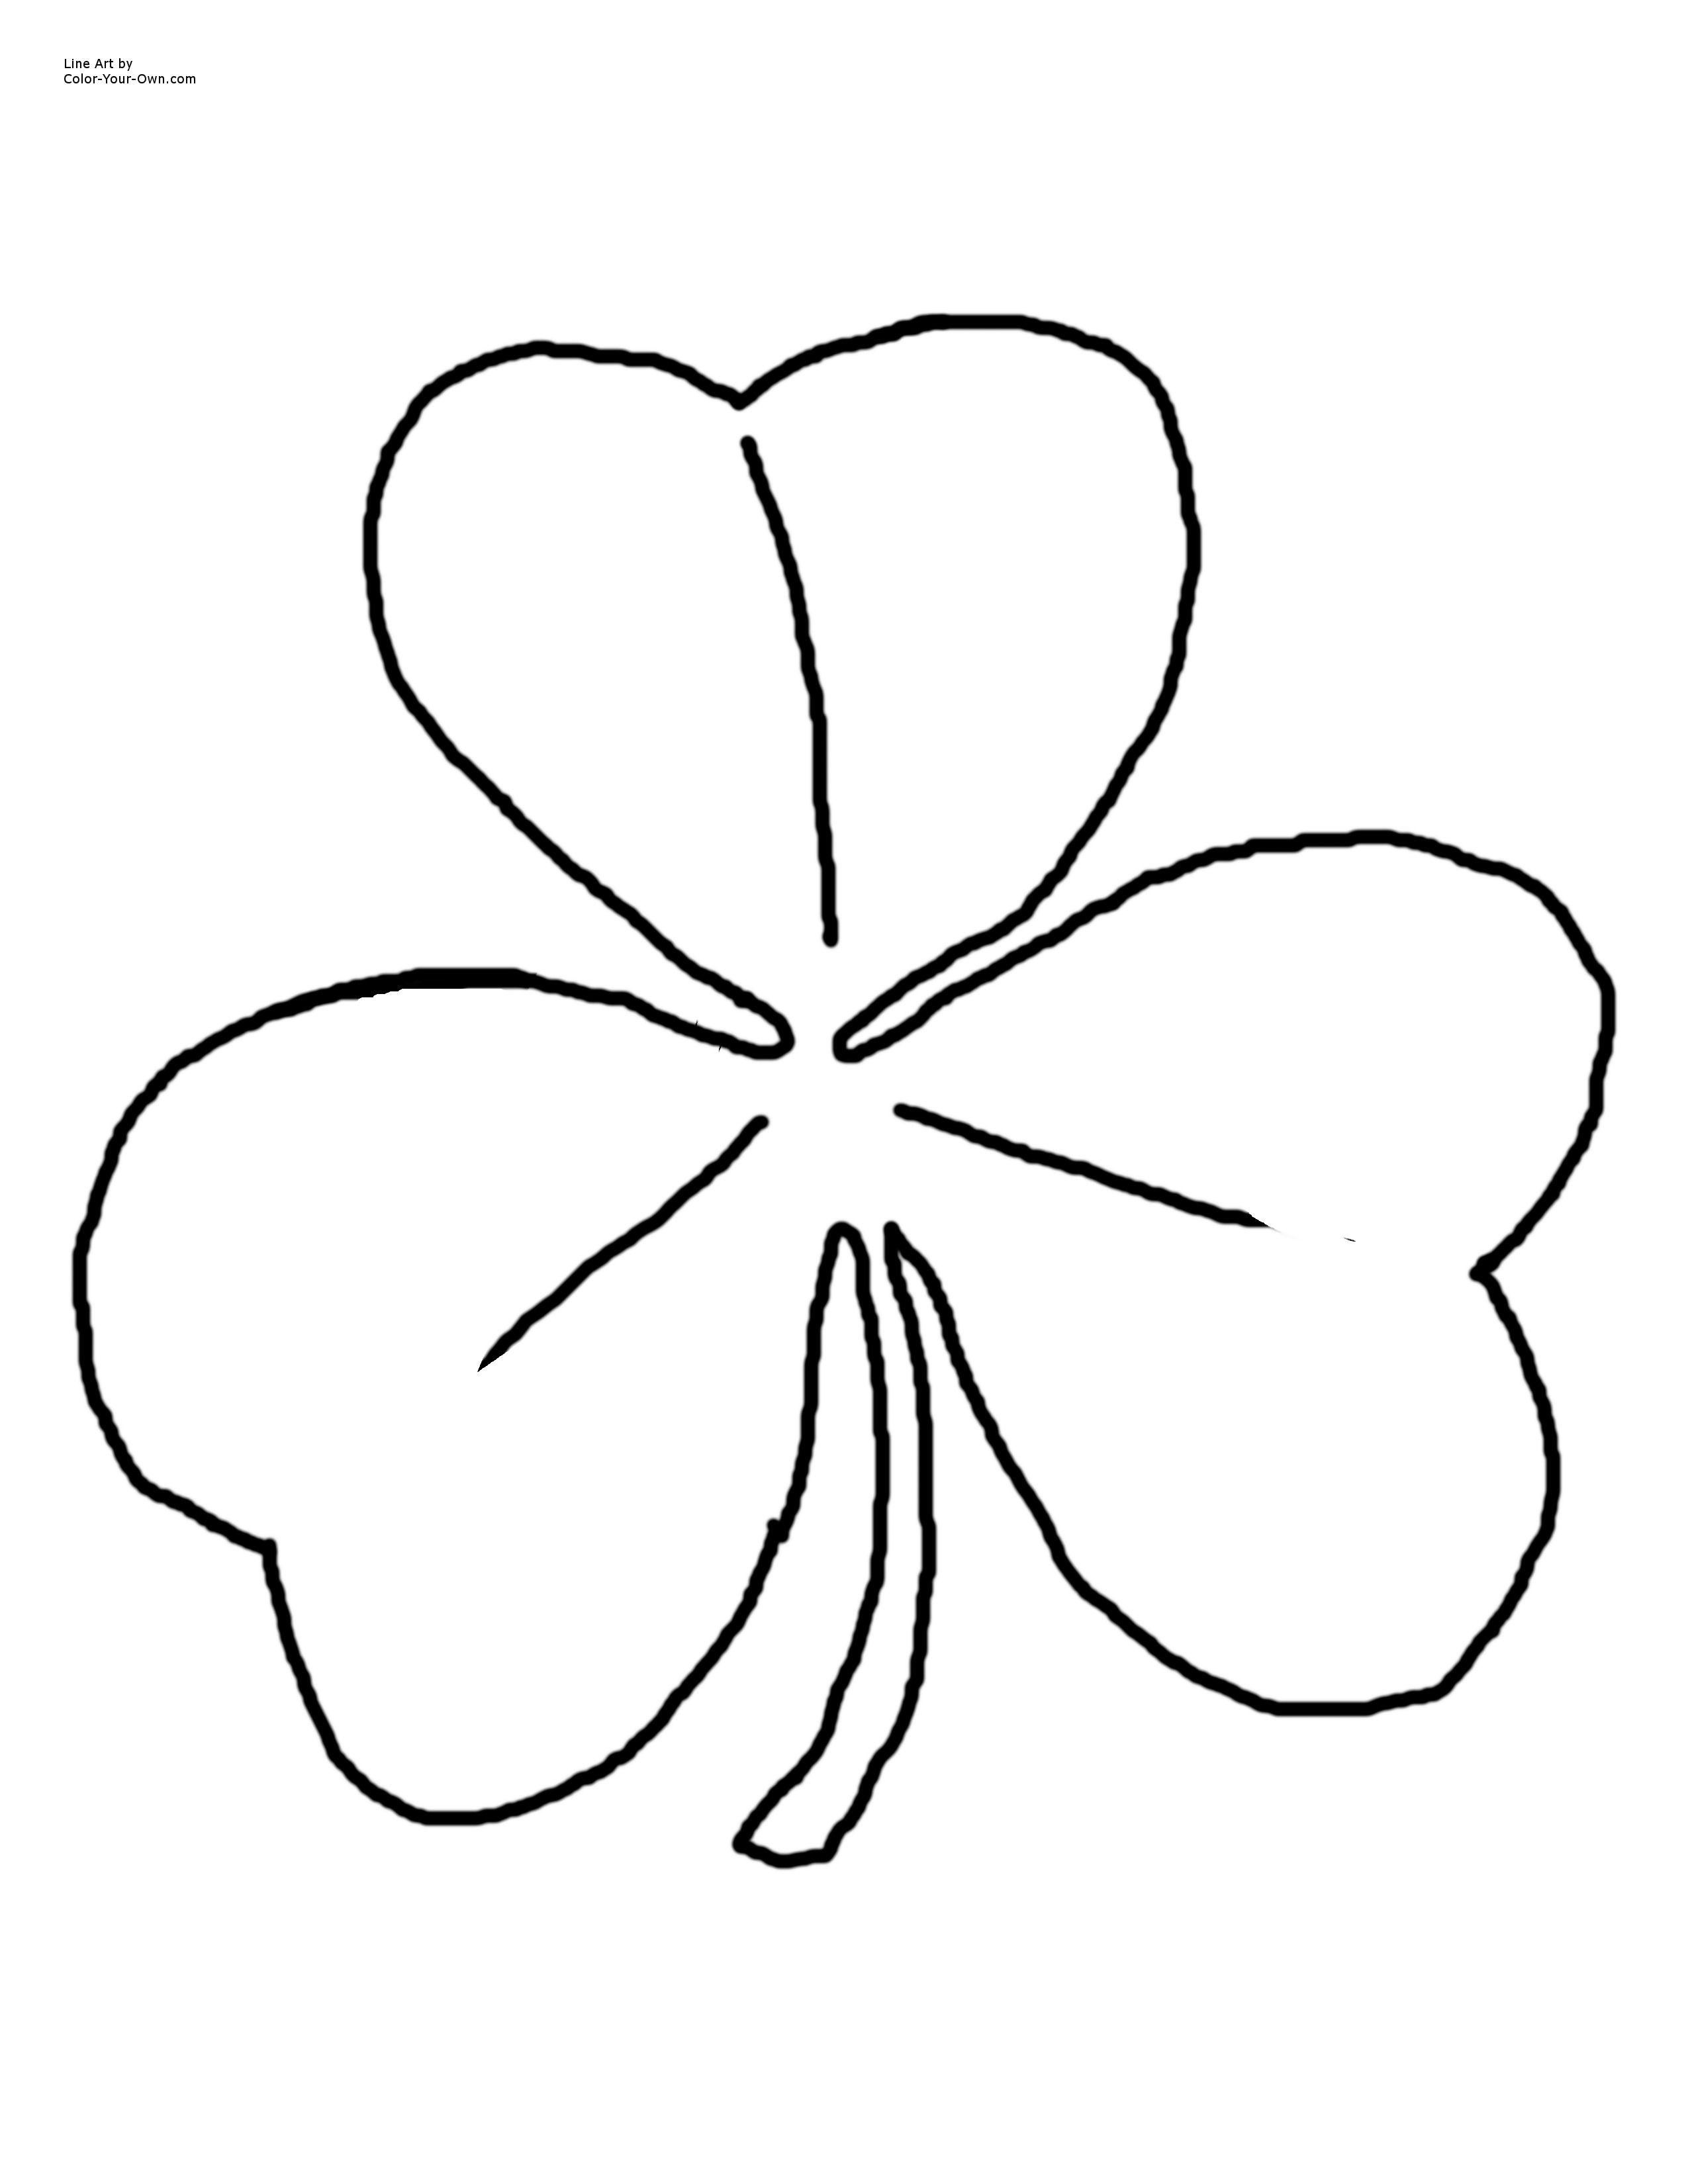 Irish Shamrock Drawing